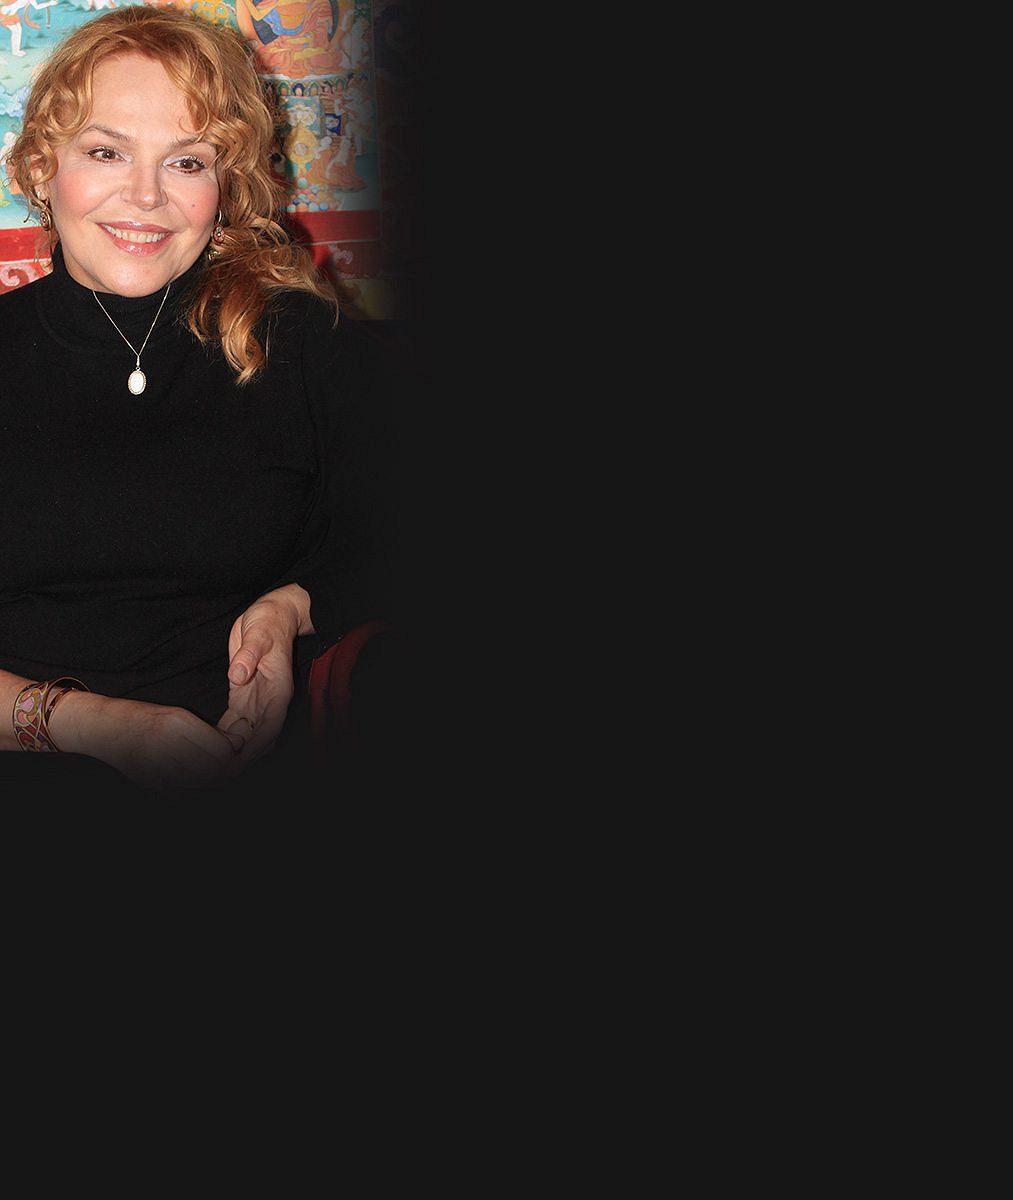 Odchod slavného režiséra ji hodně zasáhl: Dagmar Havlová zavzpomínala na Juraje Herze (✝83)